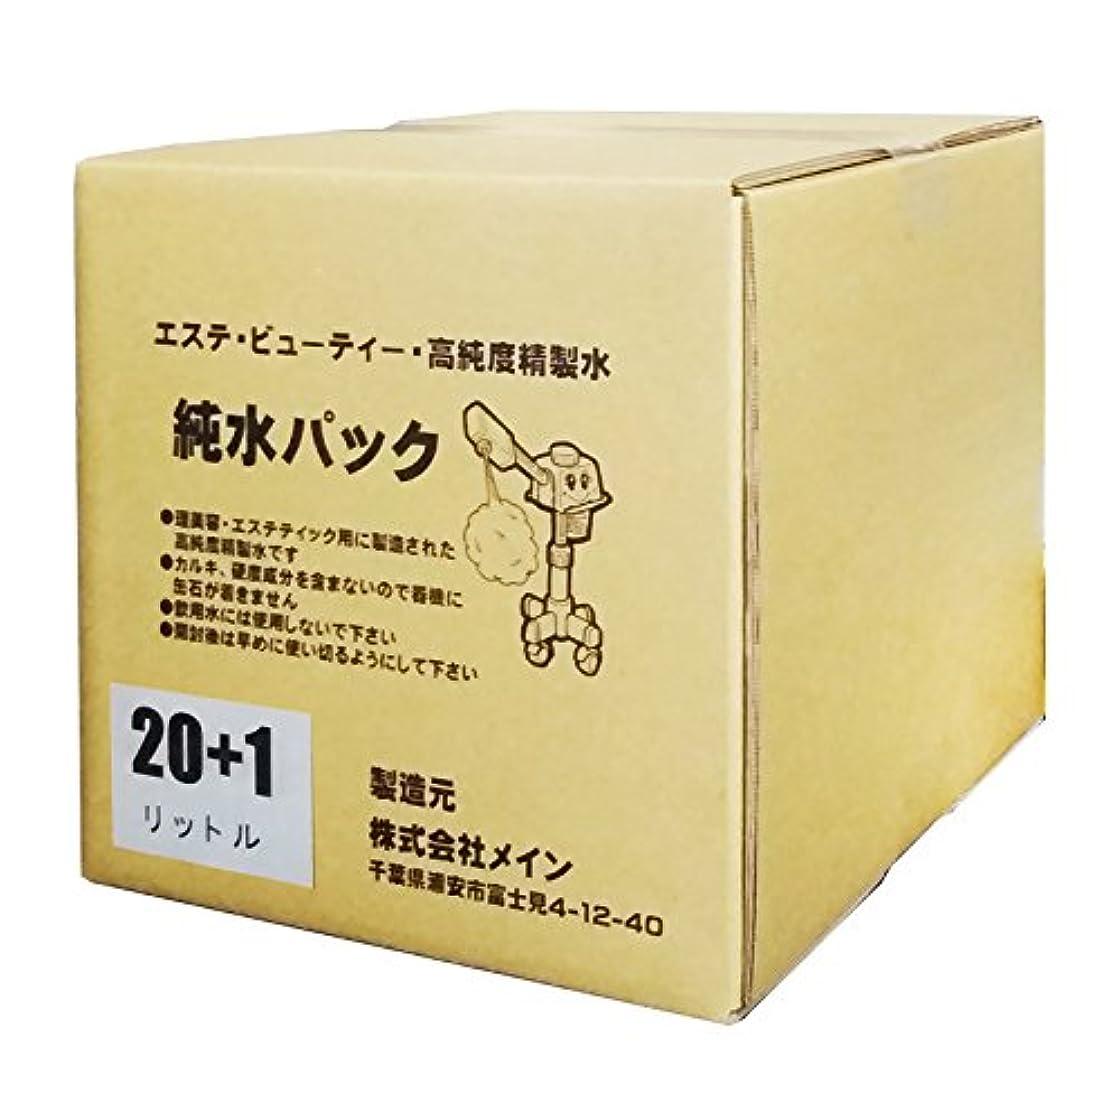 さわやか感謝祭バイアス増量中 21L 高純度 精製水 20 L + 1L 純水パック コック付 日本製 エステ スチーマー (1個) オートクレーブ 滅菌器